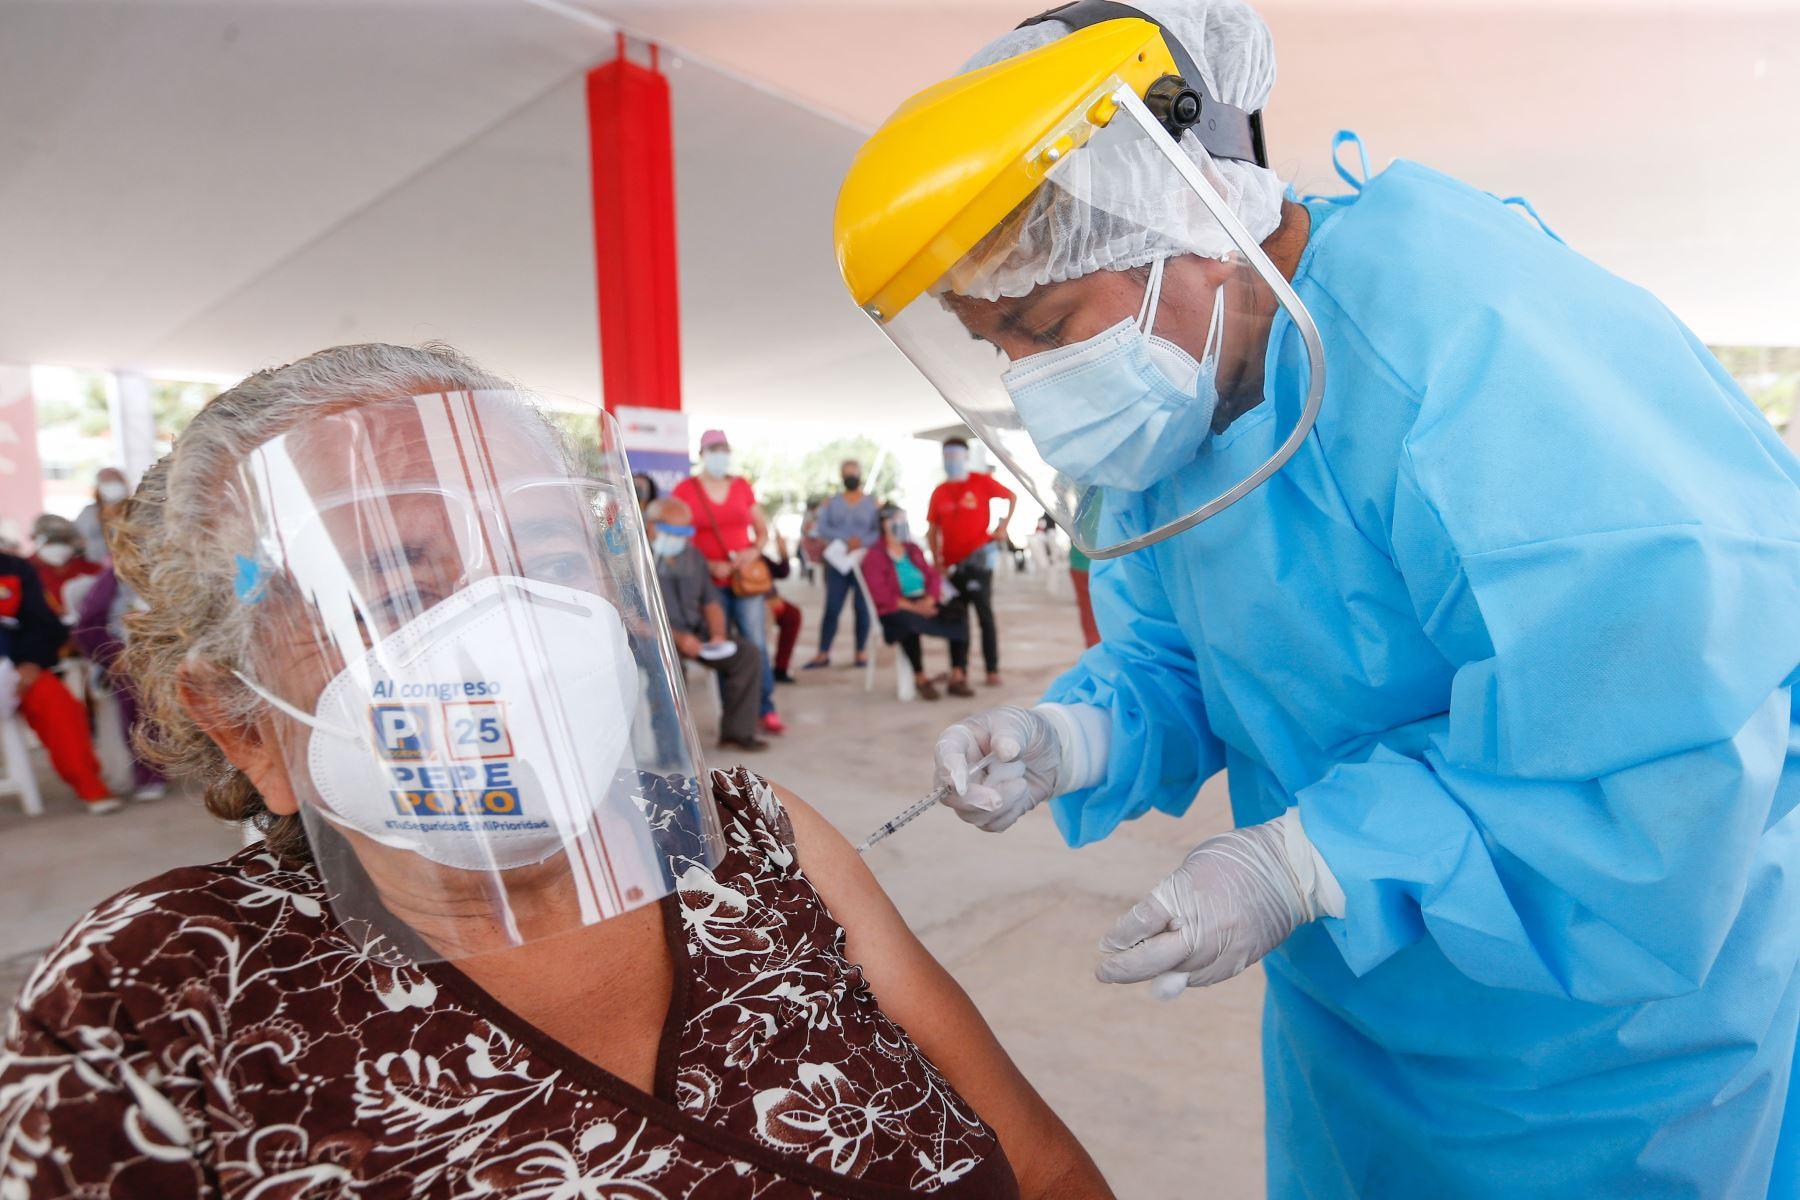 Hoy llegó un lote de 30,420 dosis de la vacuna Pfizer para continuar con el proceso de inmunización de los adultos mayores. Foto: ANDINA/Difusión